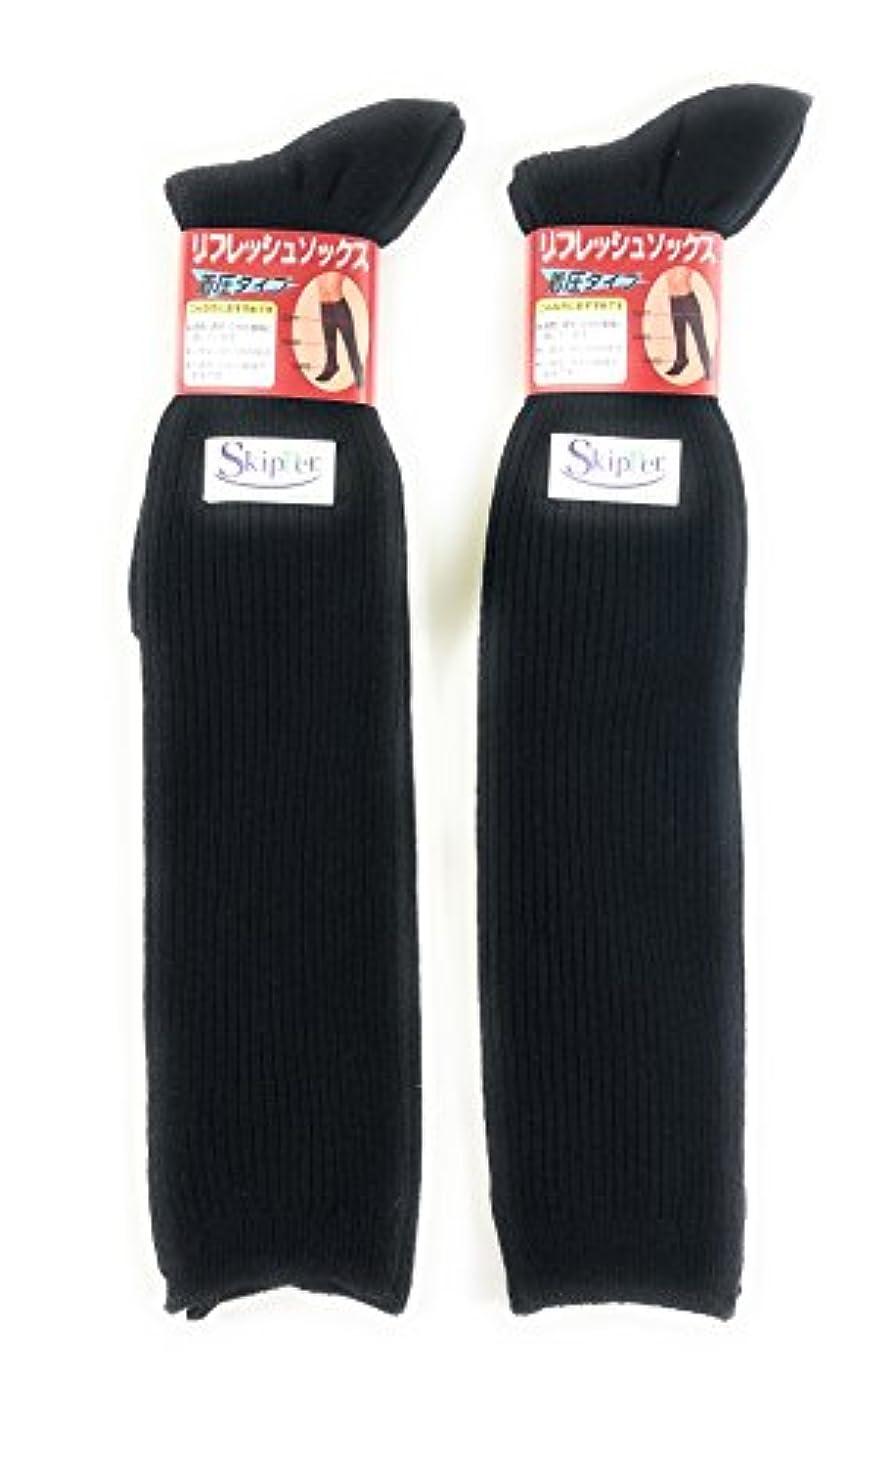 肯定的洗剤中央(日本の技 )レディーの脚をスッキリサポート 消臭繊維(スキッパー使用)着圧リブ編ハイソックス 2足組